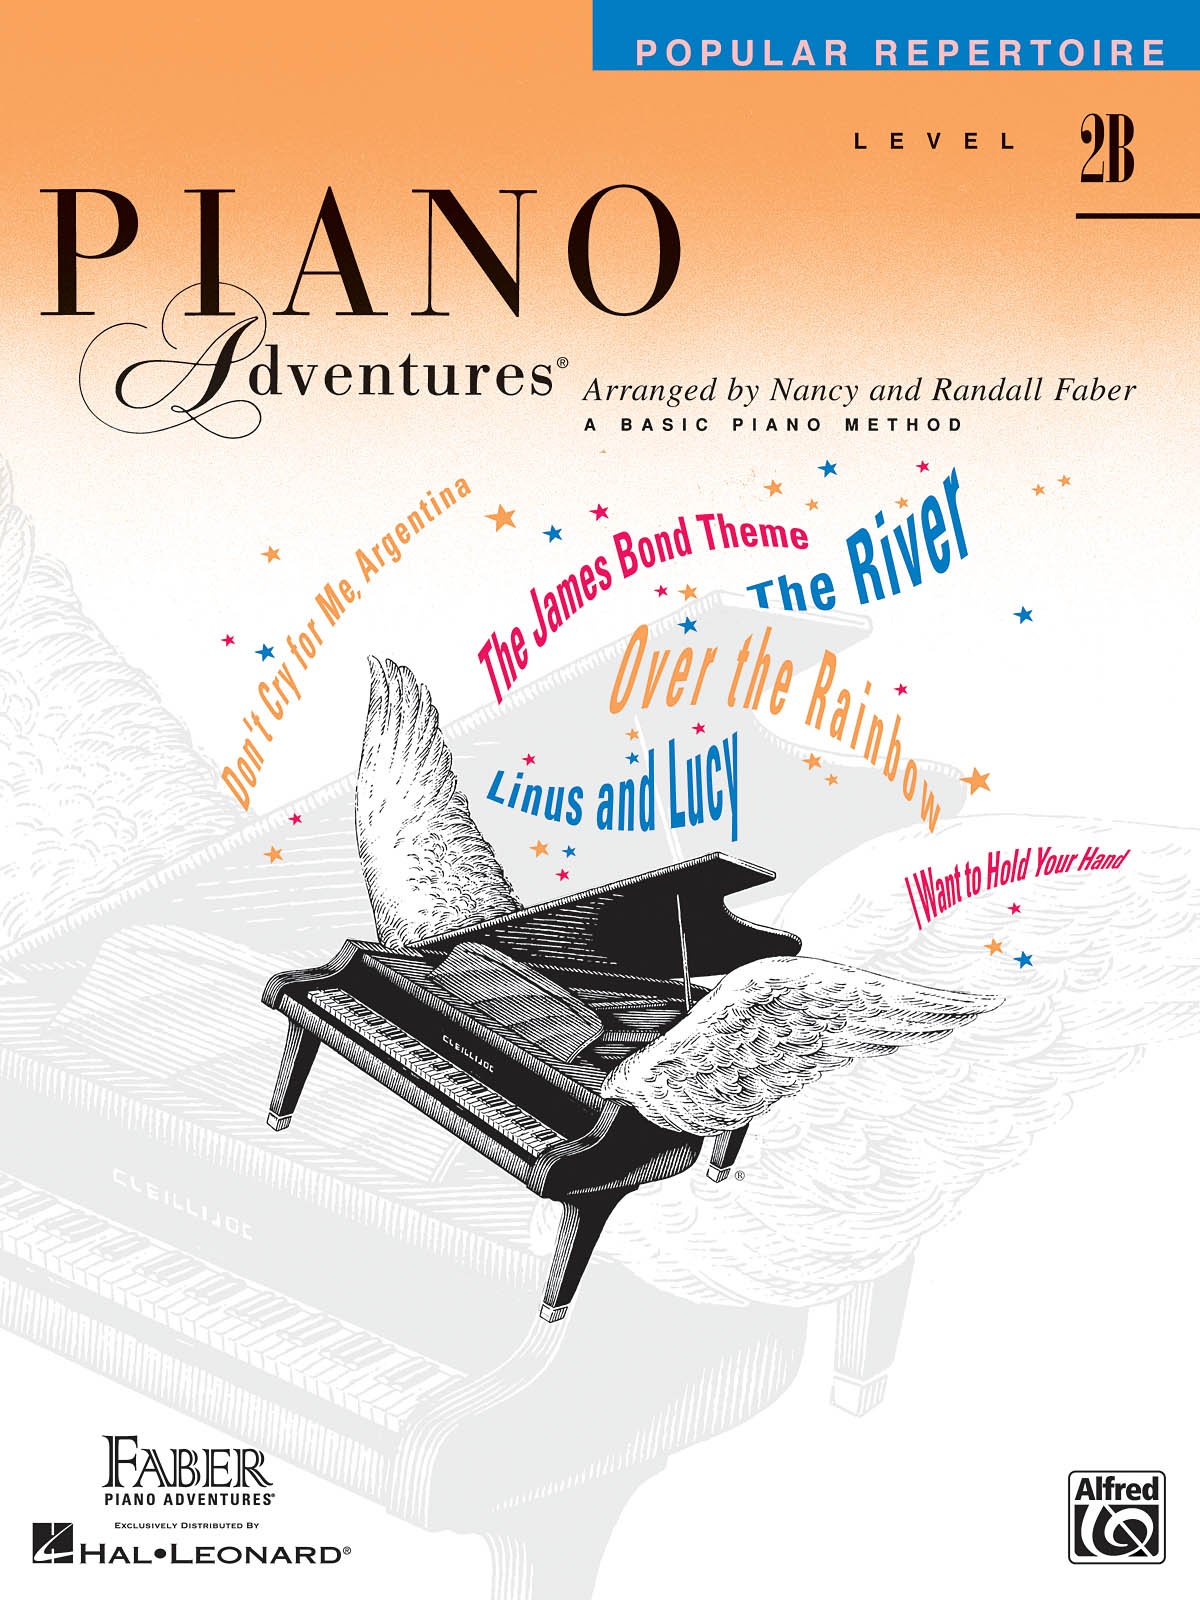 Faber Piano Adventures, Popular Repertoire, Level 2B